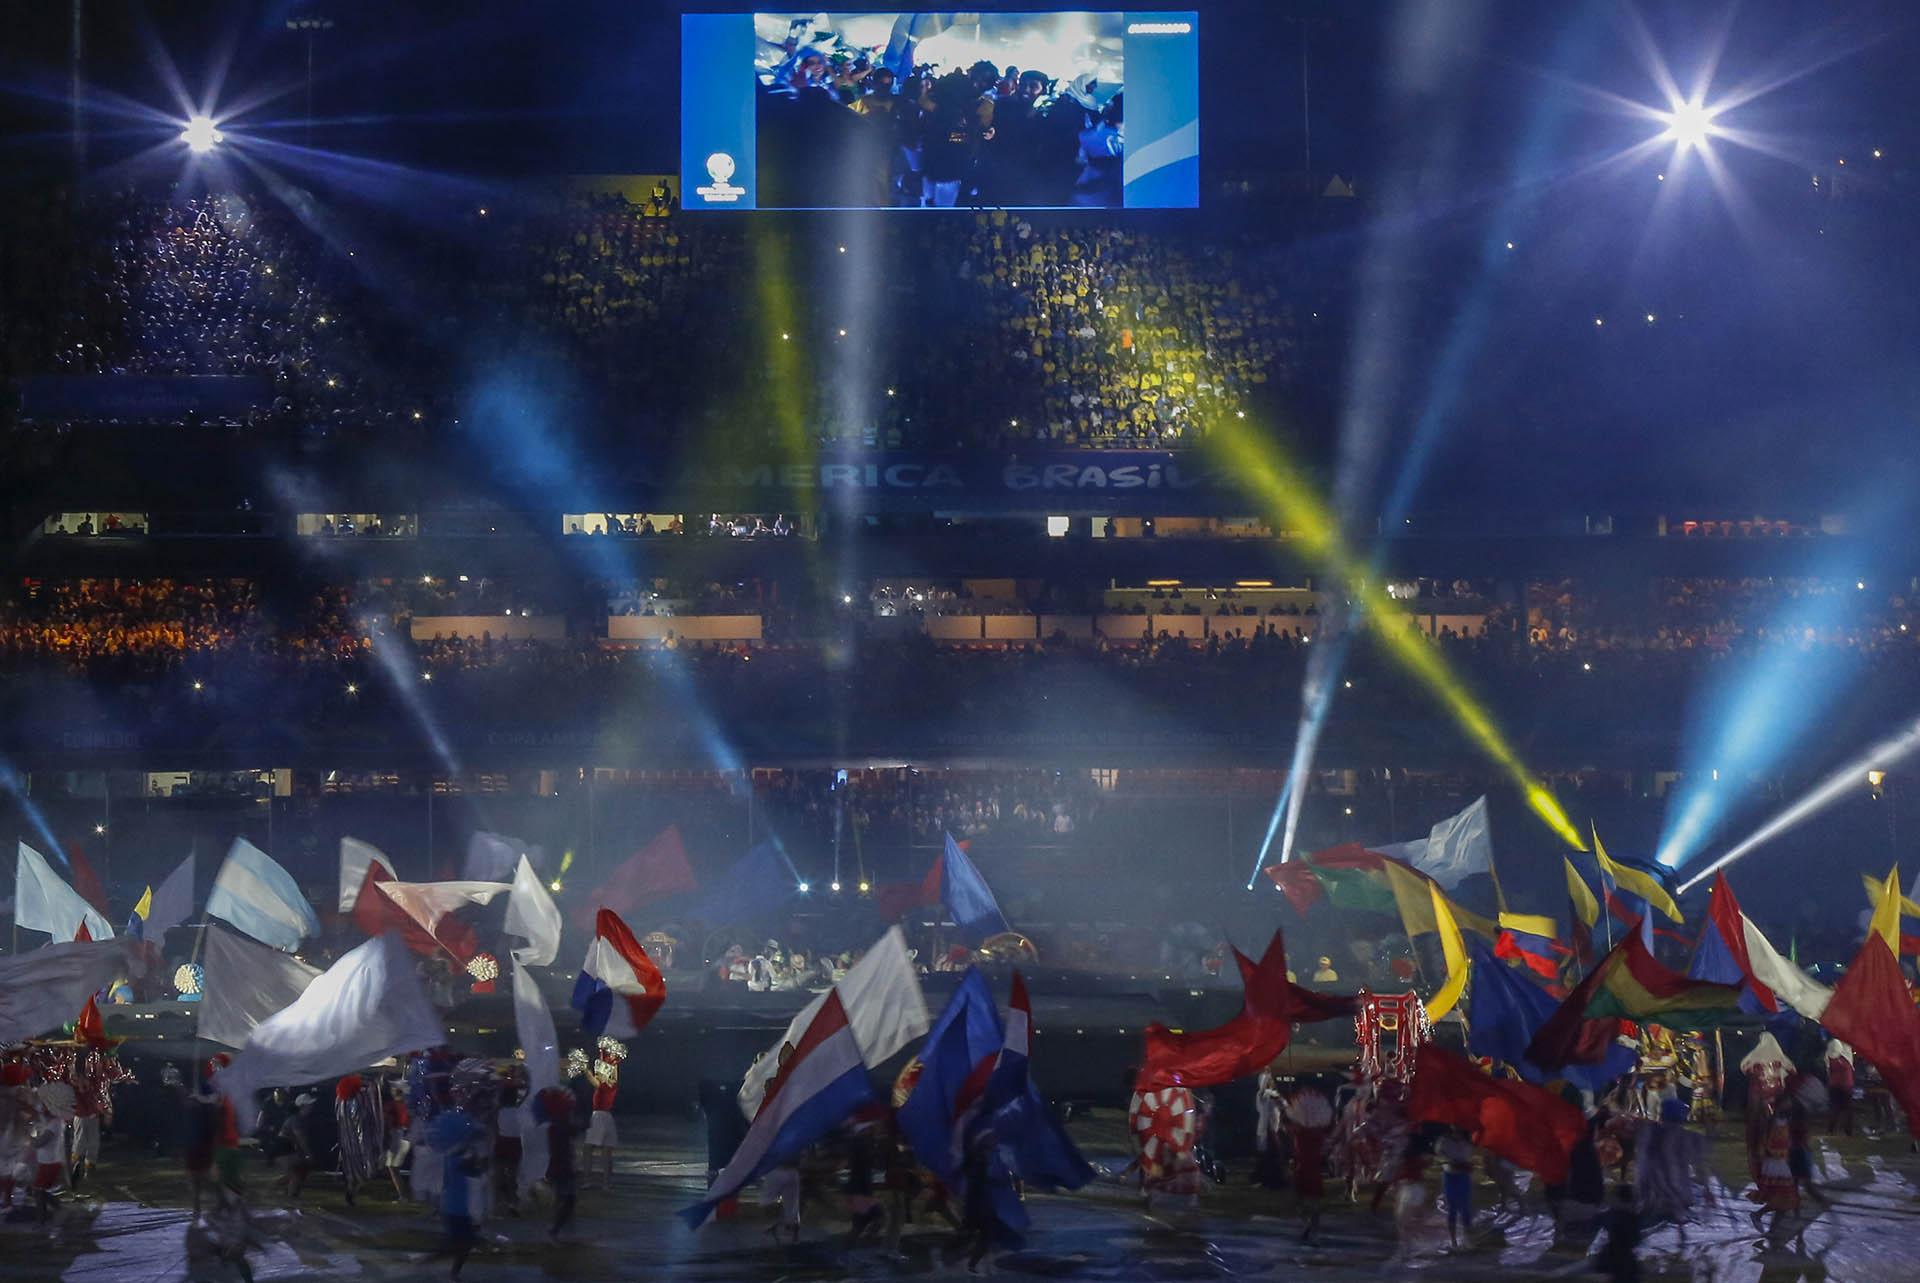 Música típica de cada país y las banderas en el inicio del torneo